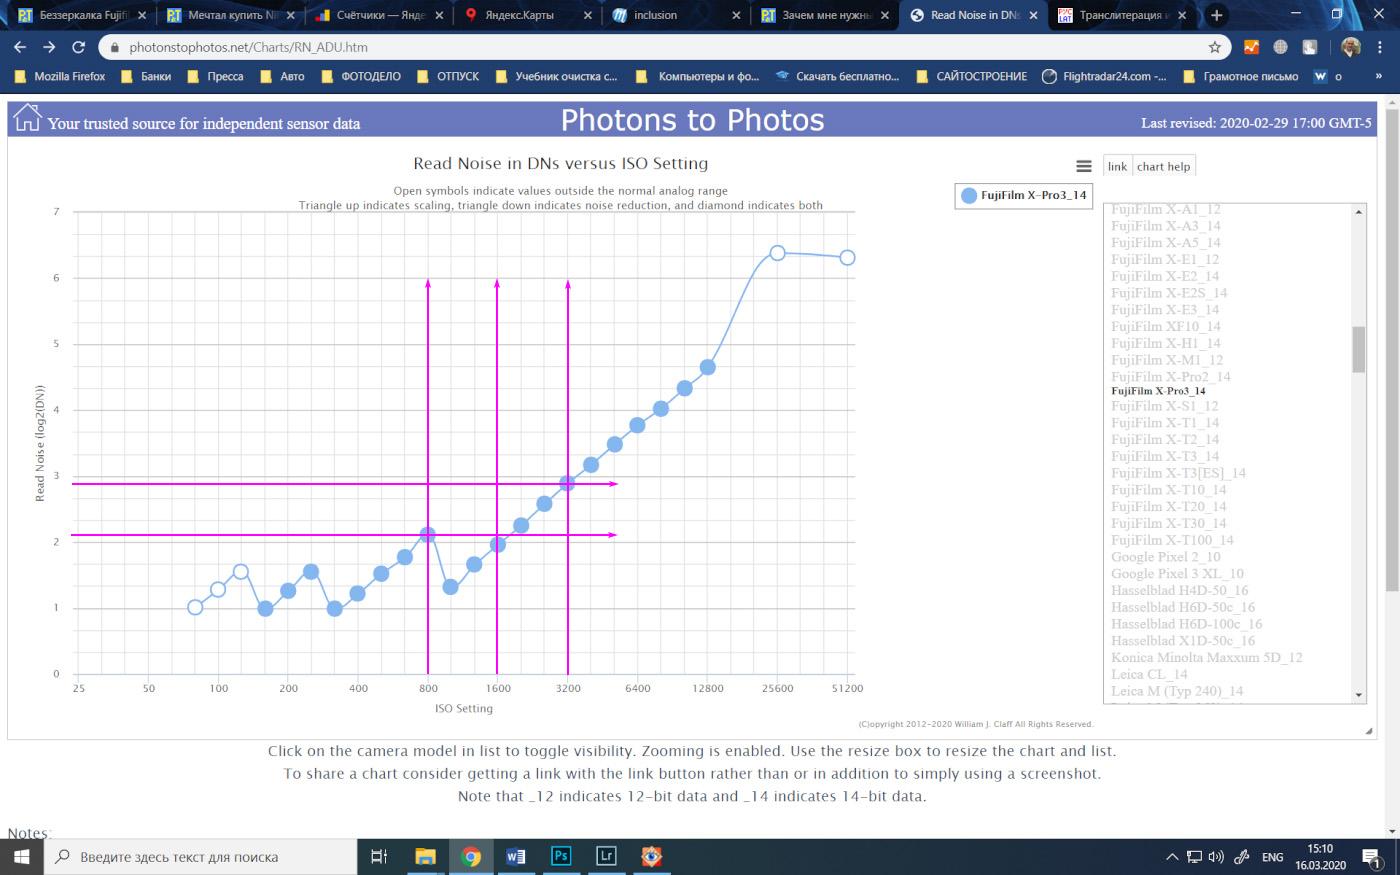 21. График, показывающий изменение цифровых шумов считывания матриц Fujifilm X-Pro3 в зависимости от ISO.